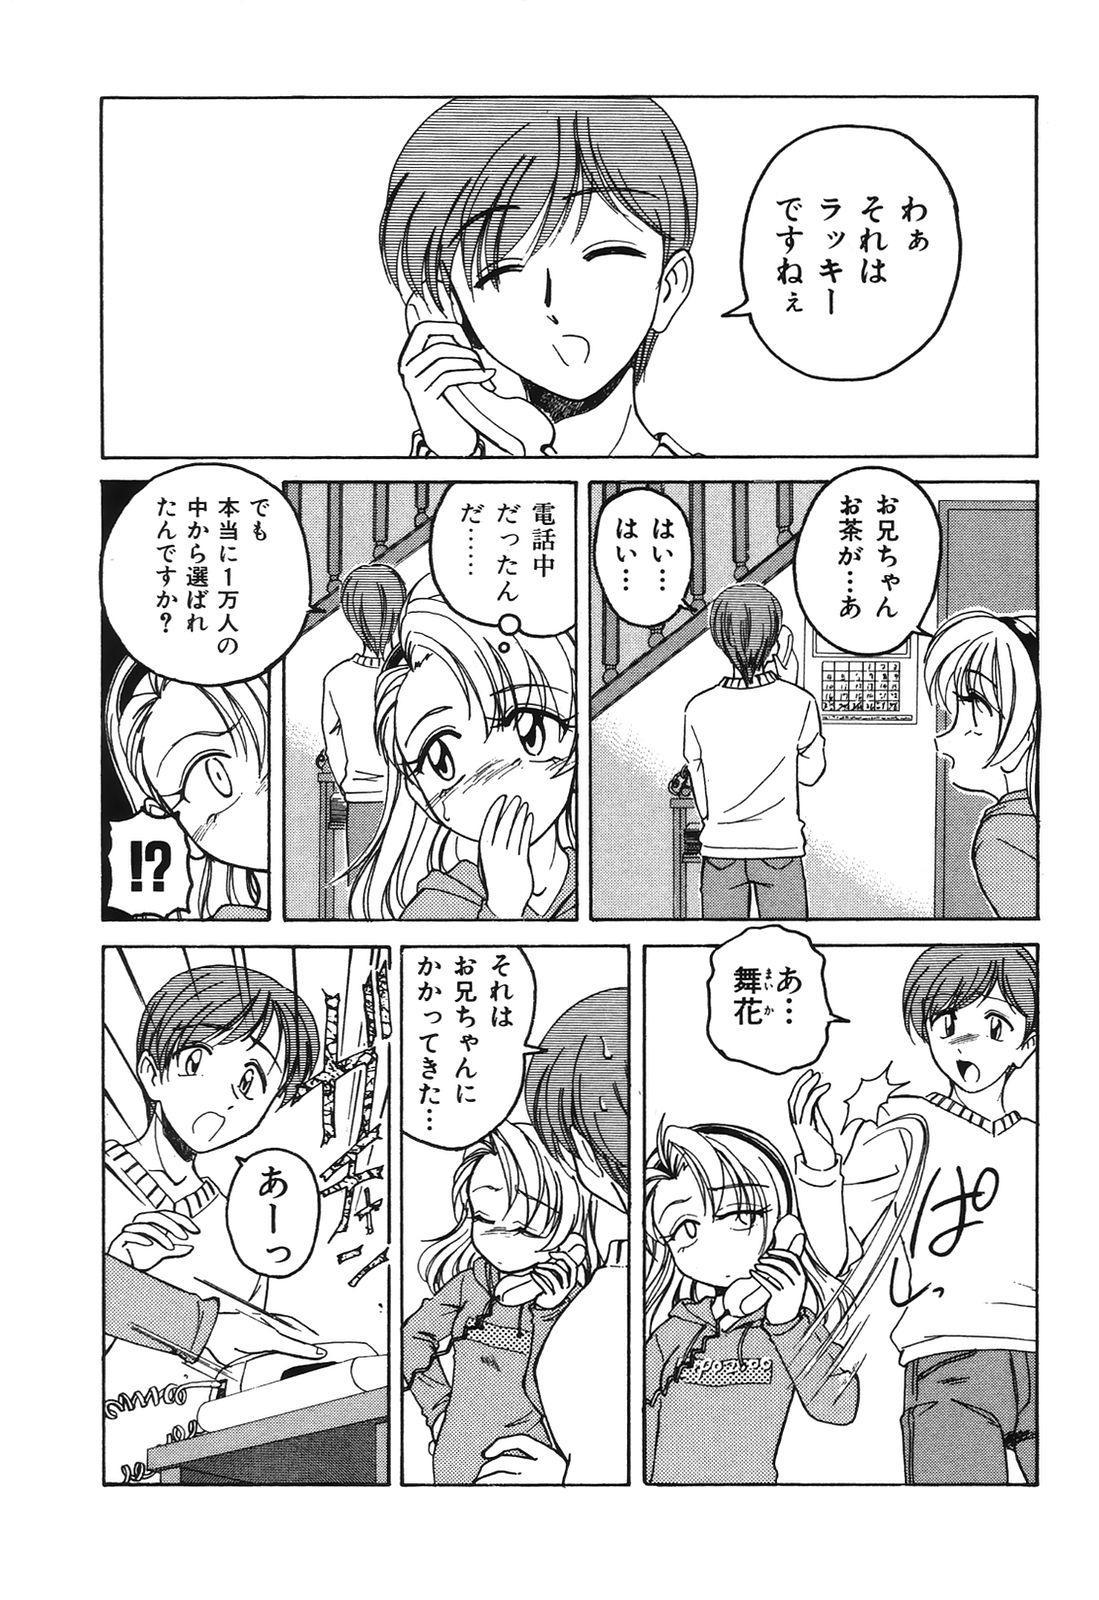 Omake No Musume 53